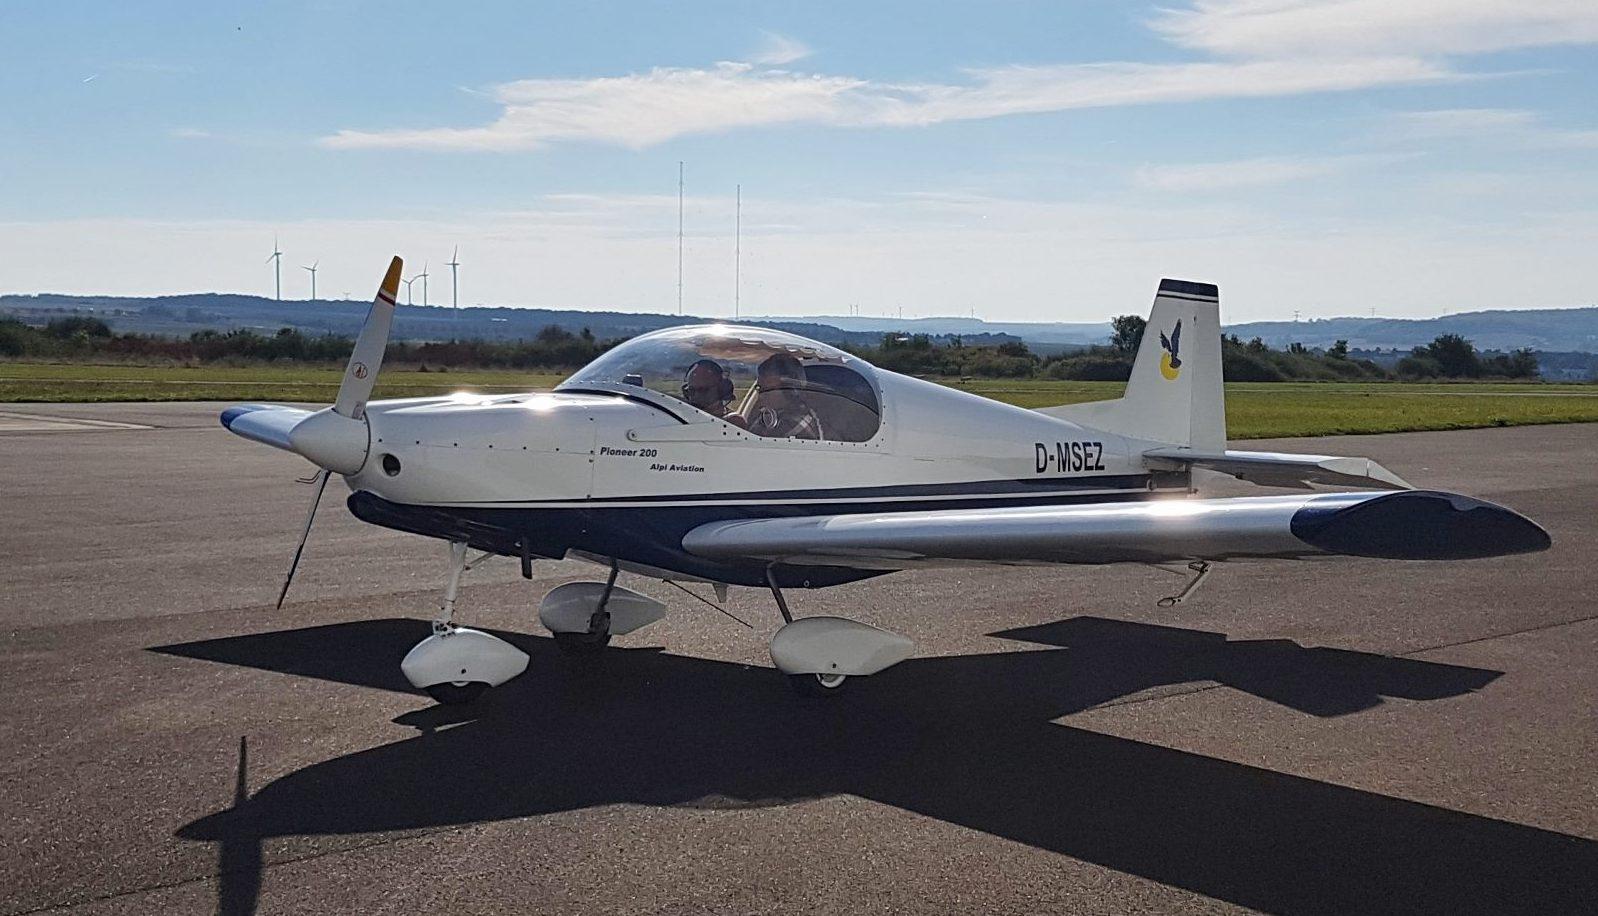 Permalink auf:Vereinsflugzeug Alpi Aviation Pioneer 200